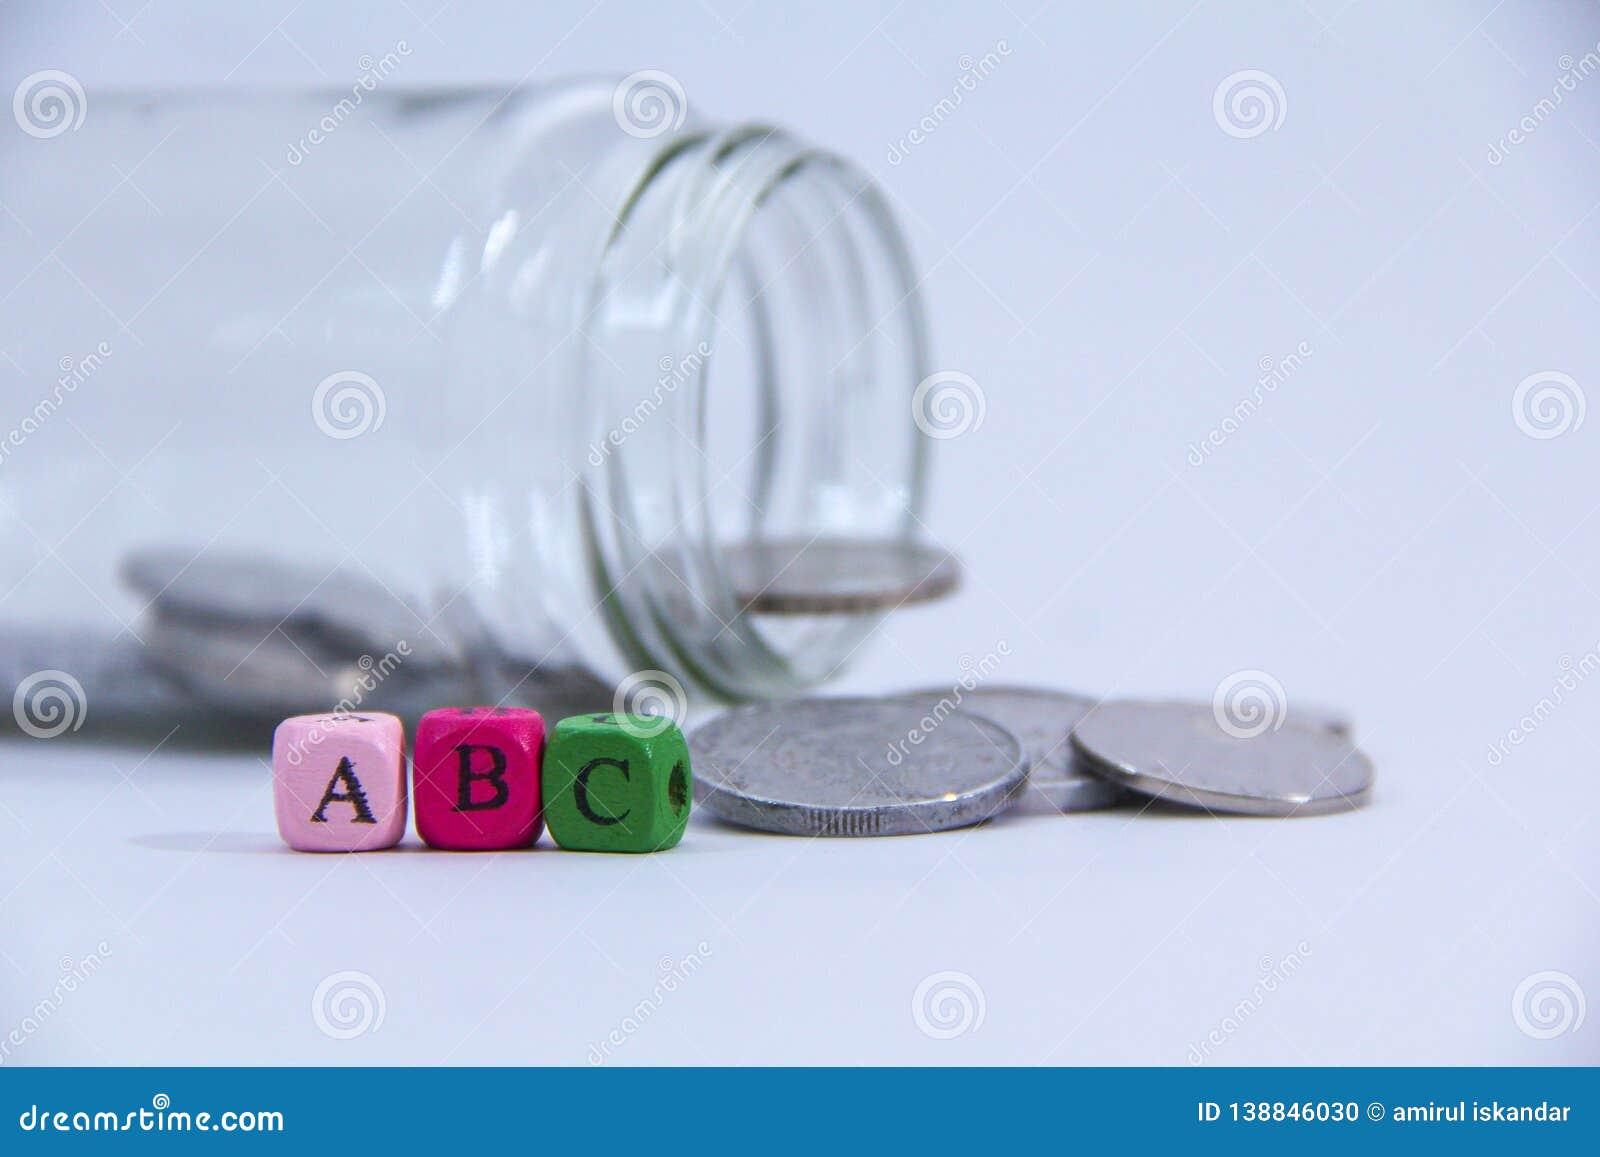 , B и c в деревянном блоке с монеткой на задней части